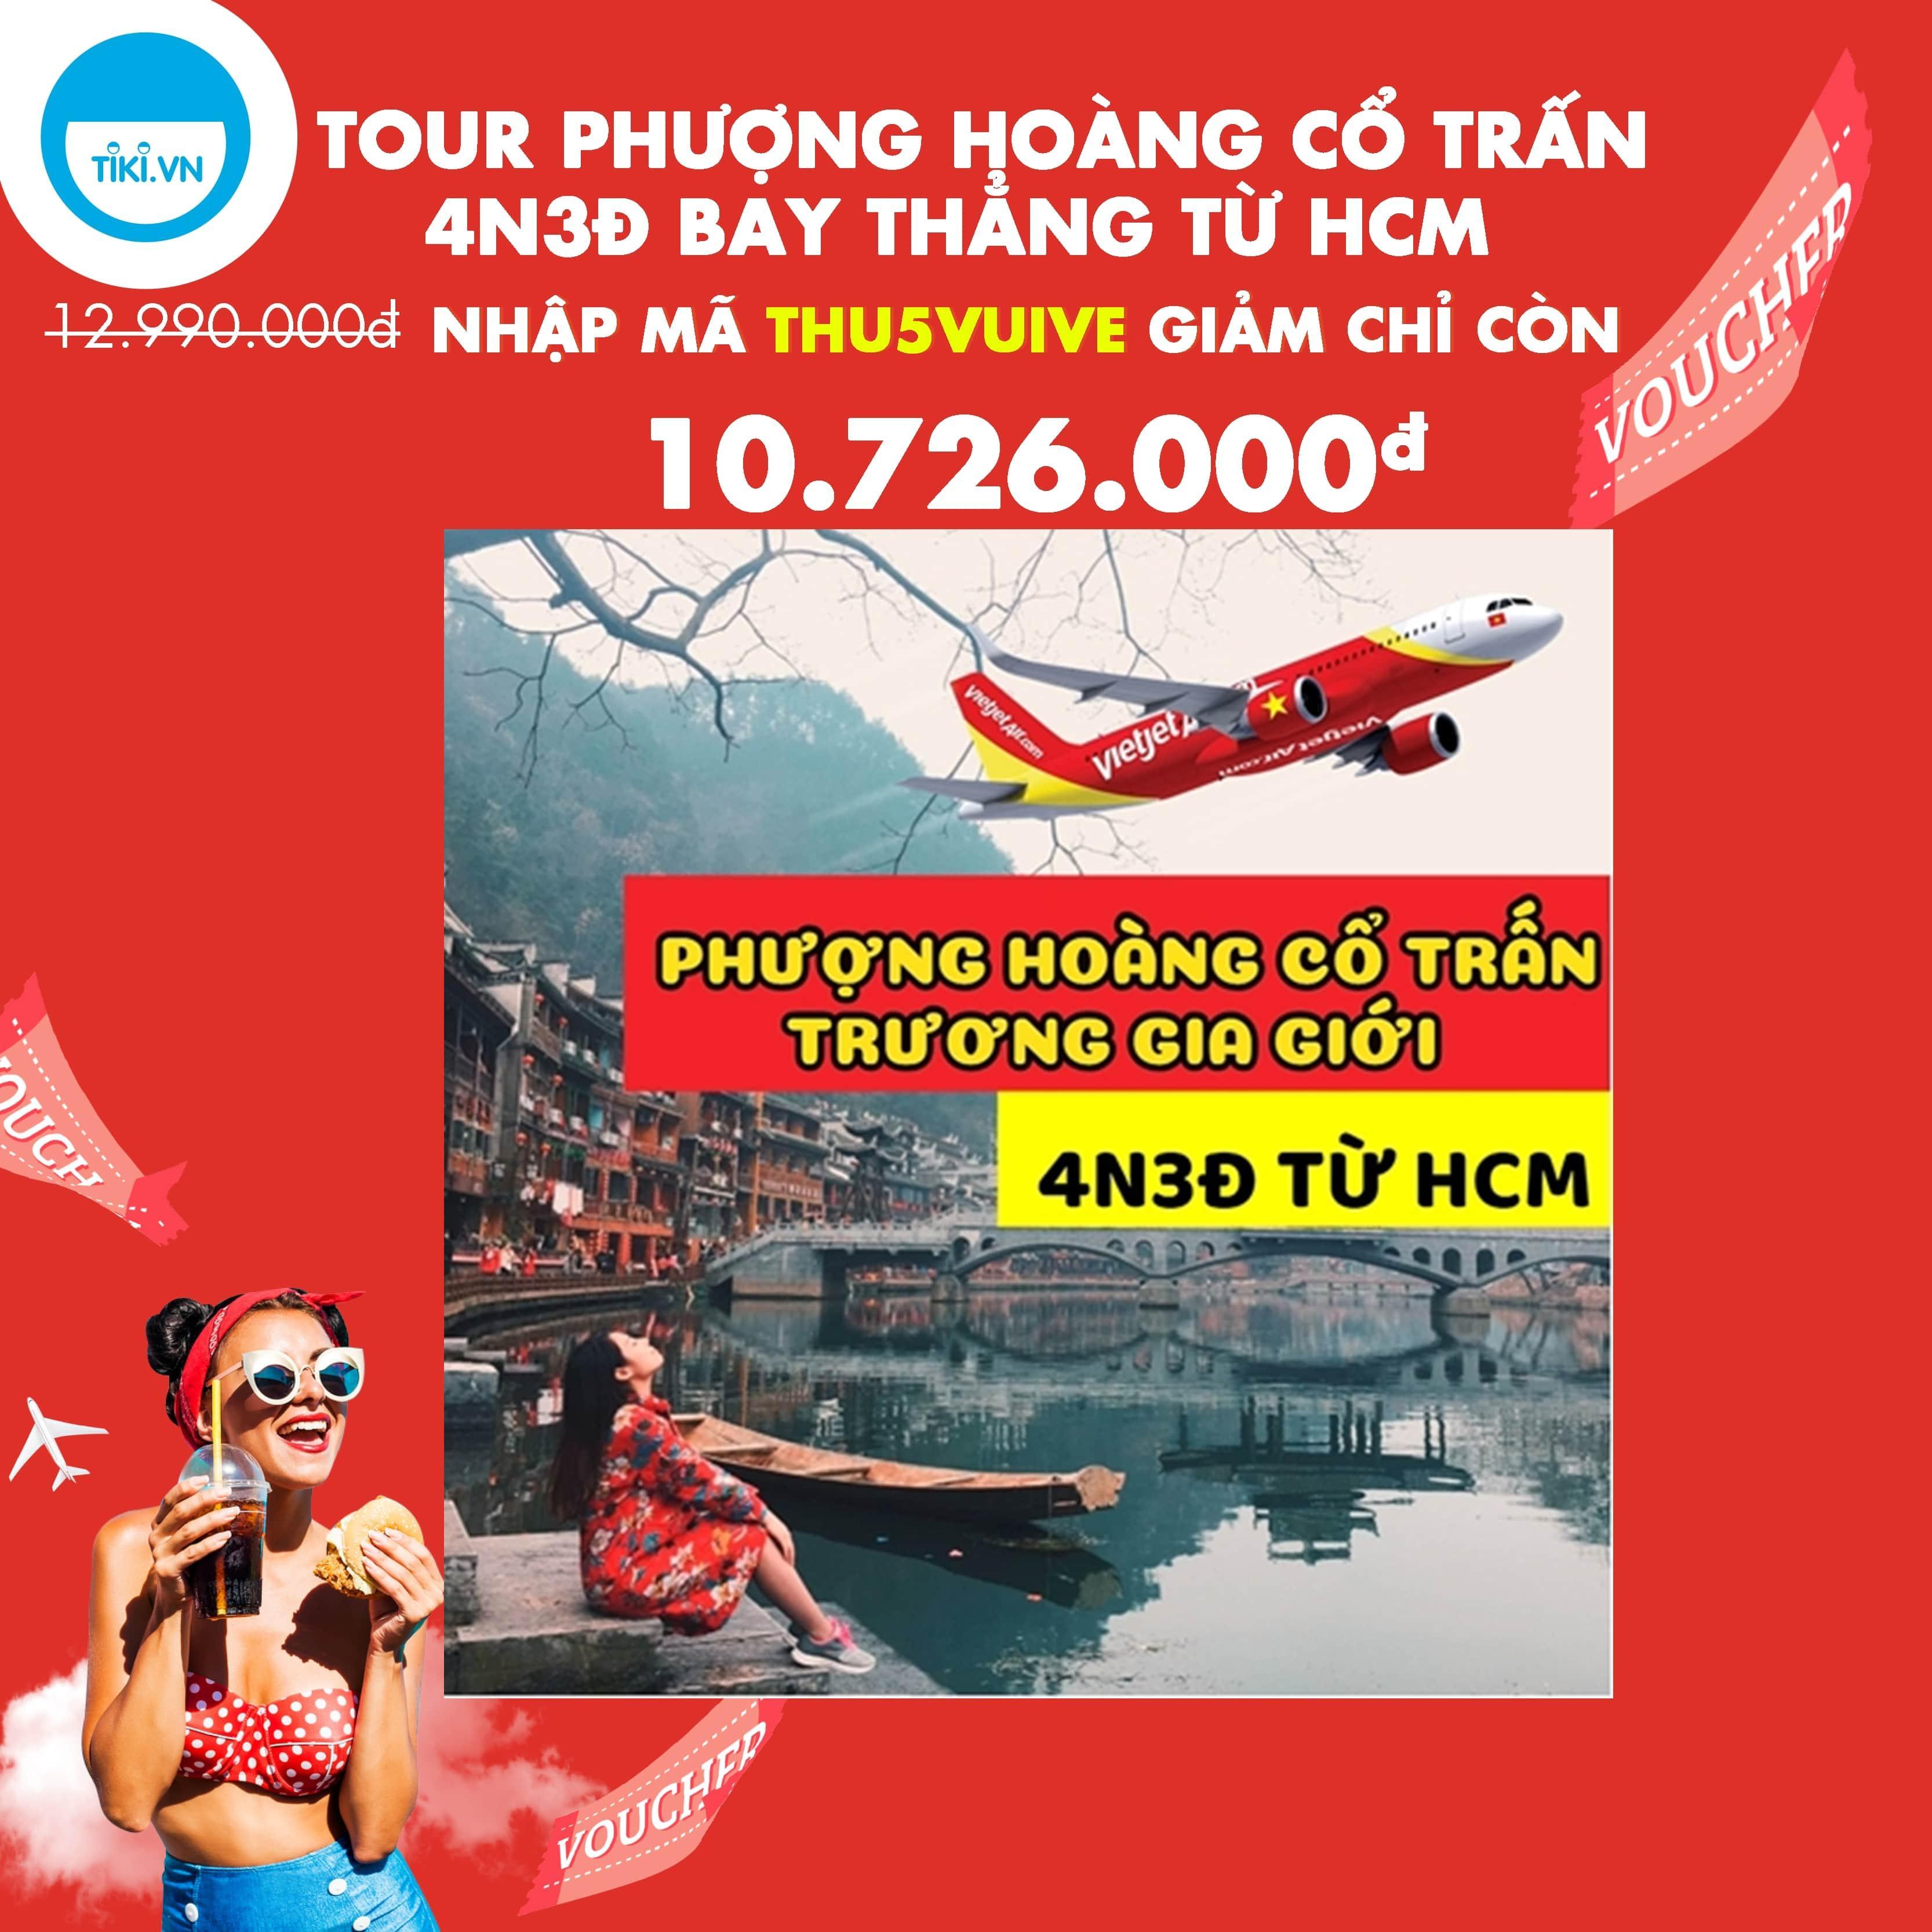 [HOT] Tour 4N3Đ: TP.HCM - Phượng Hoàng Cổ Trấn - Trương Gia Giới, Bay Thẳng Vietjet Air, Tháng 7, 8, 9